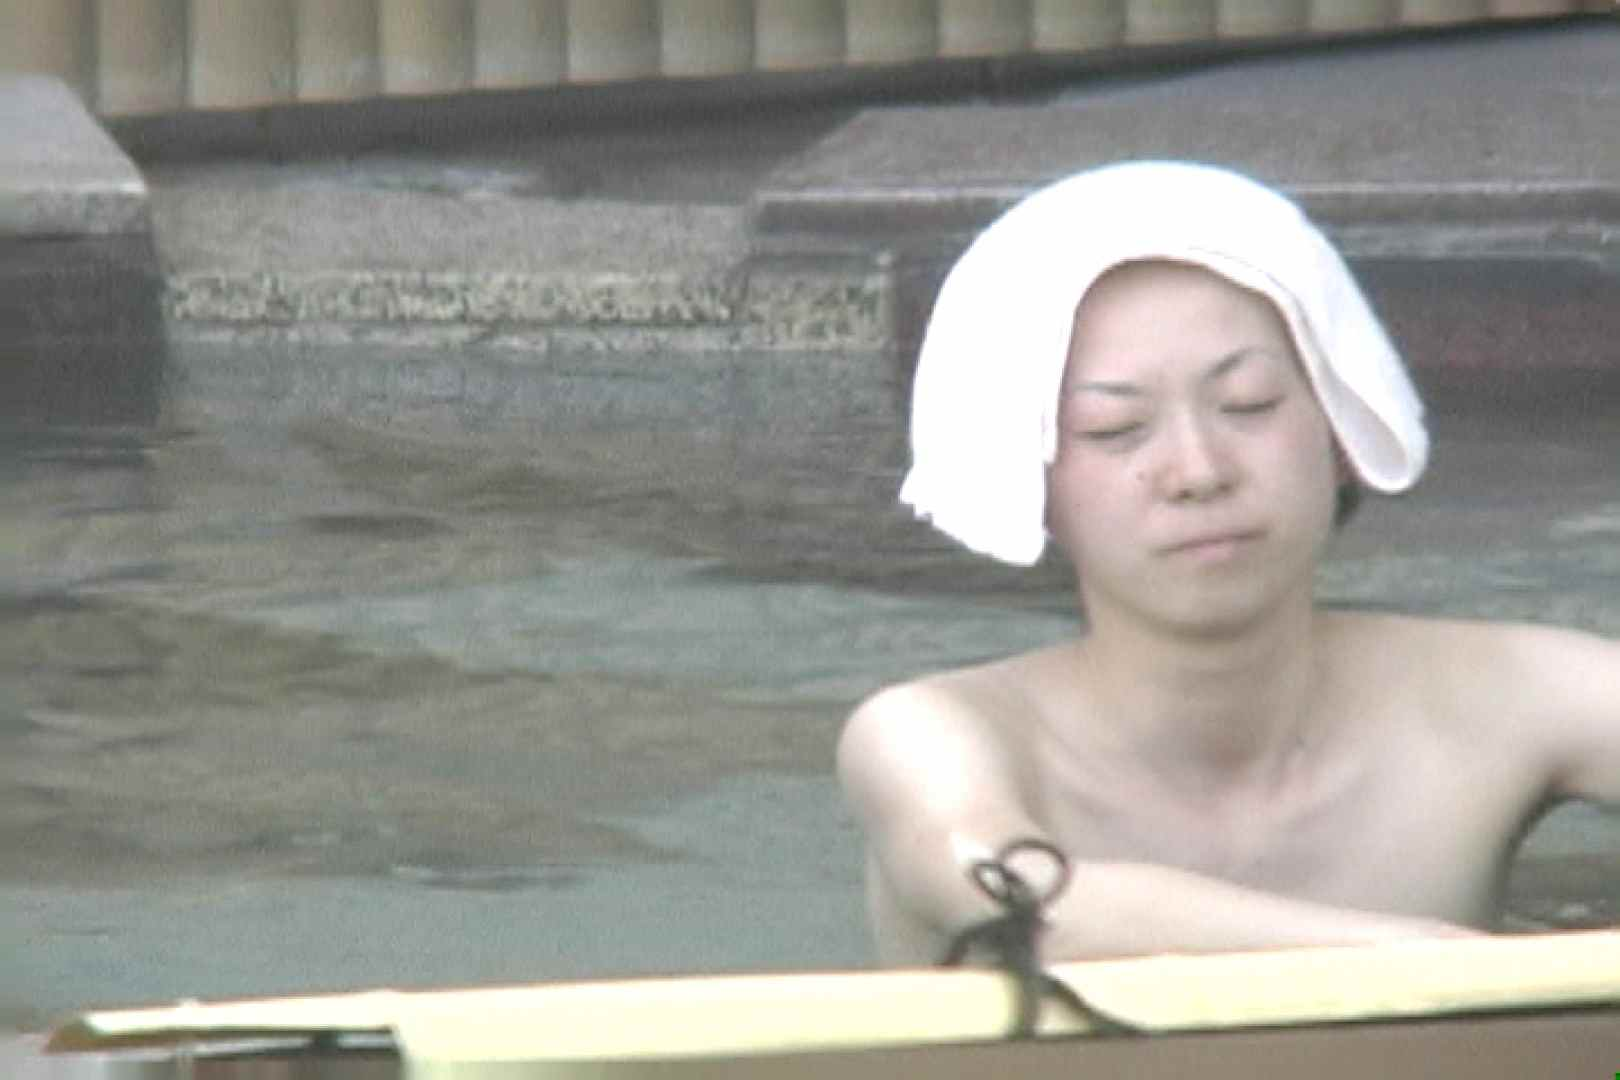 Aquaな露天風呂Vol.693 露天風呂 | 盗撮動画  11枚 11